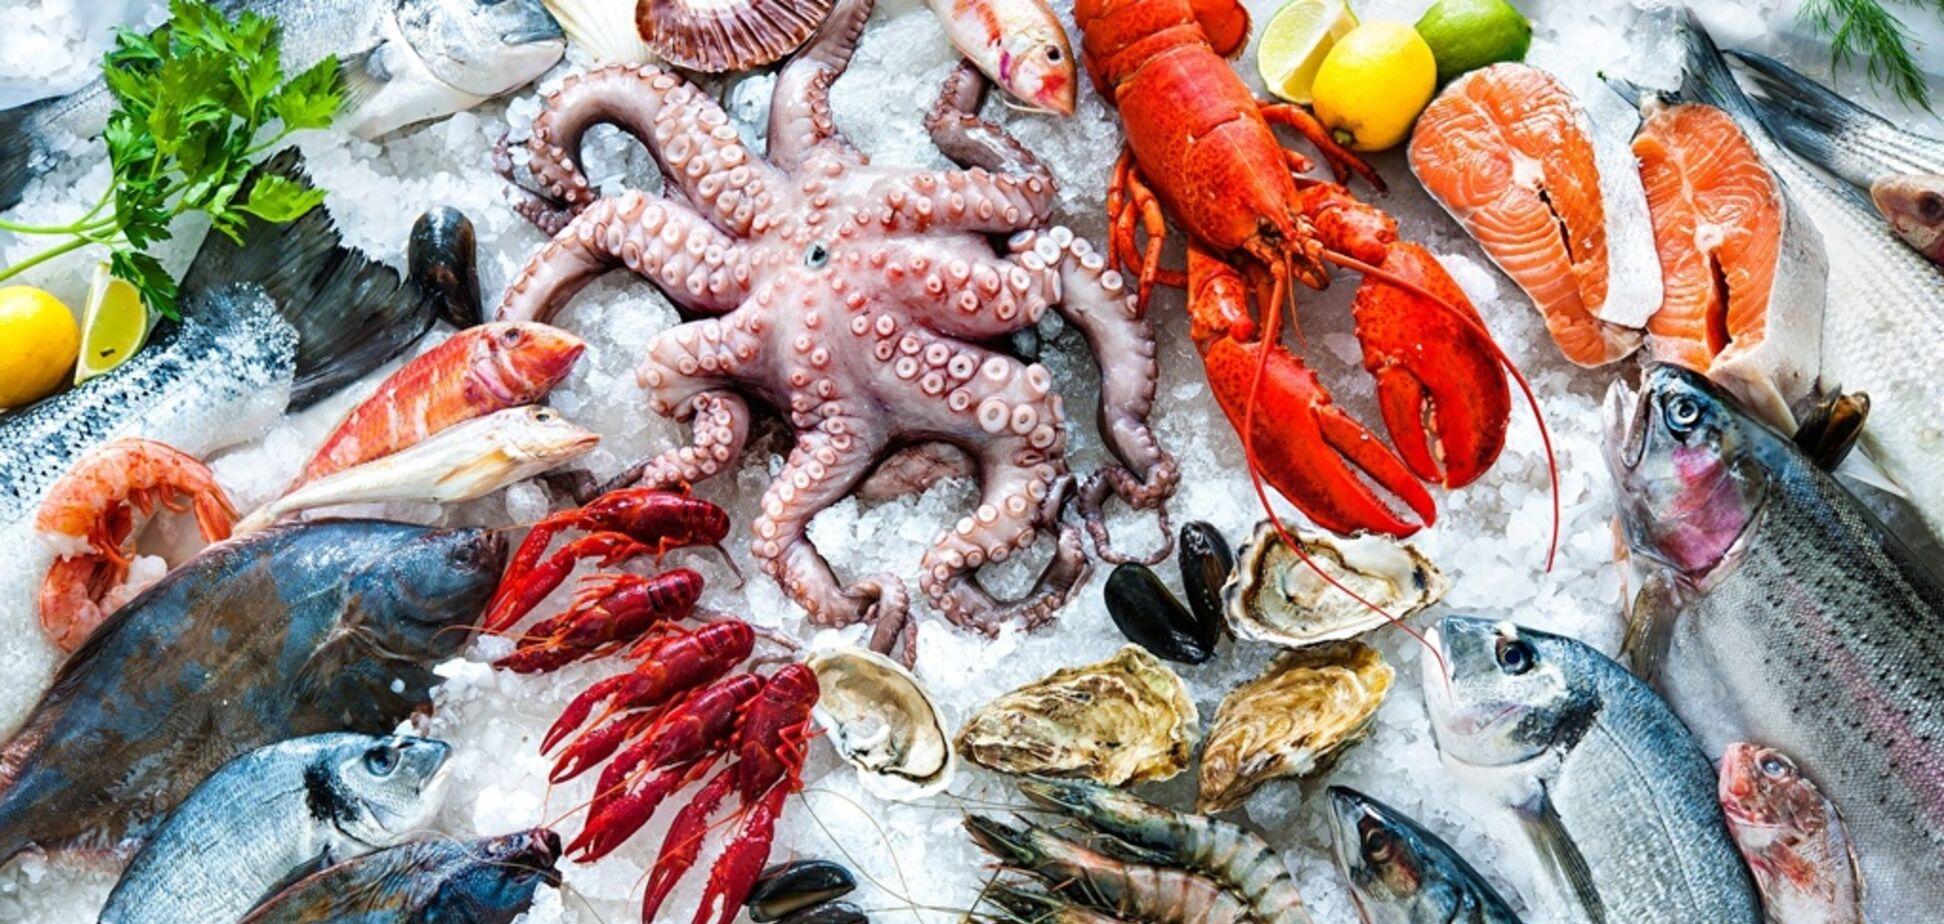 Как выбрать рыбу и морепродукты: диетолог дала советы украинцам